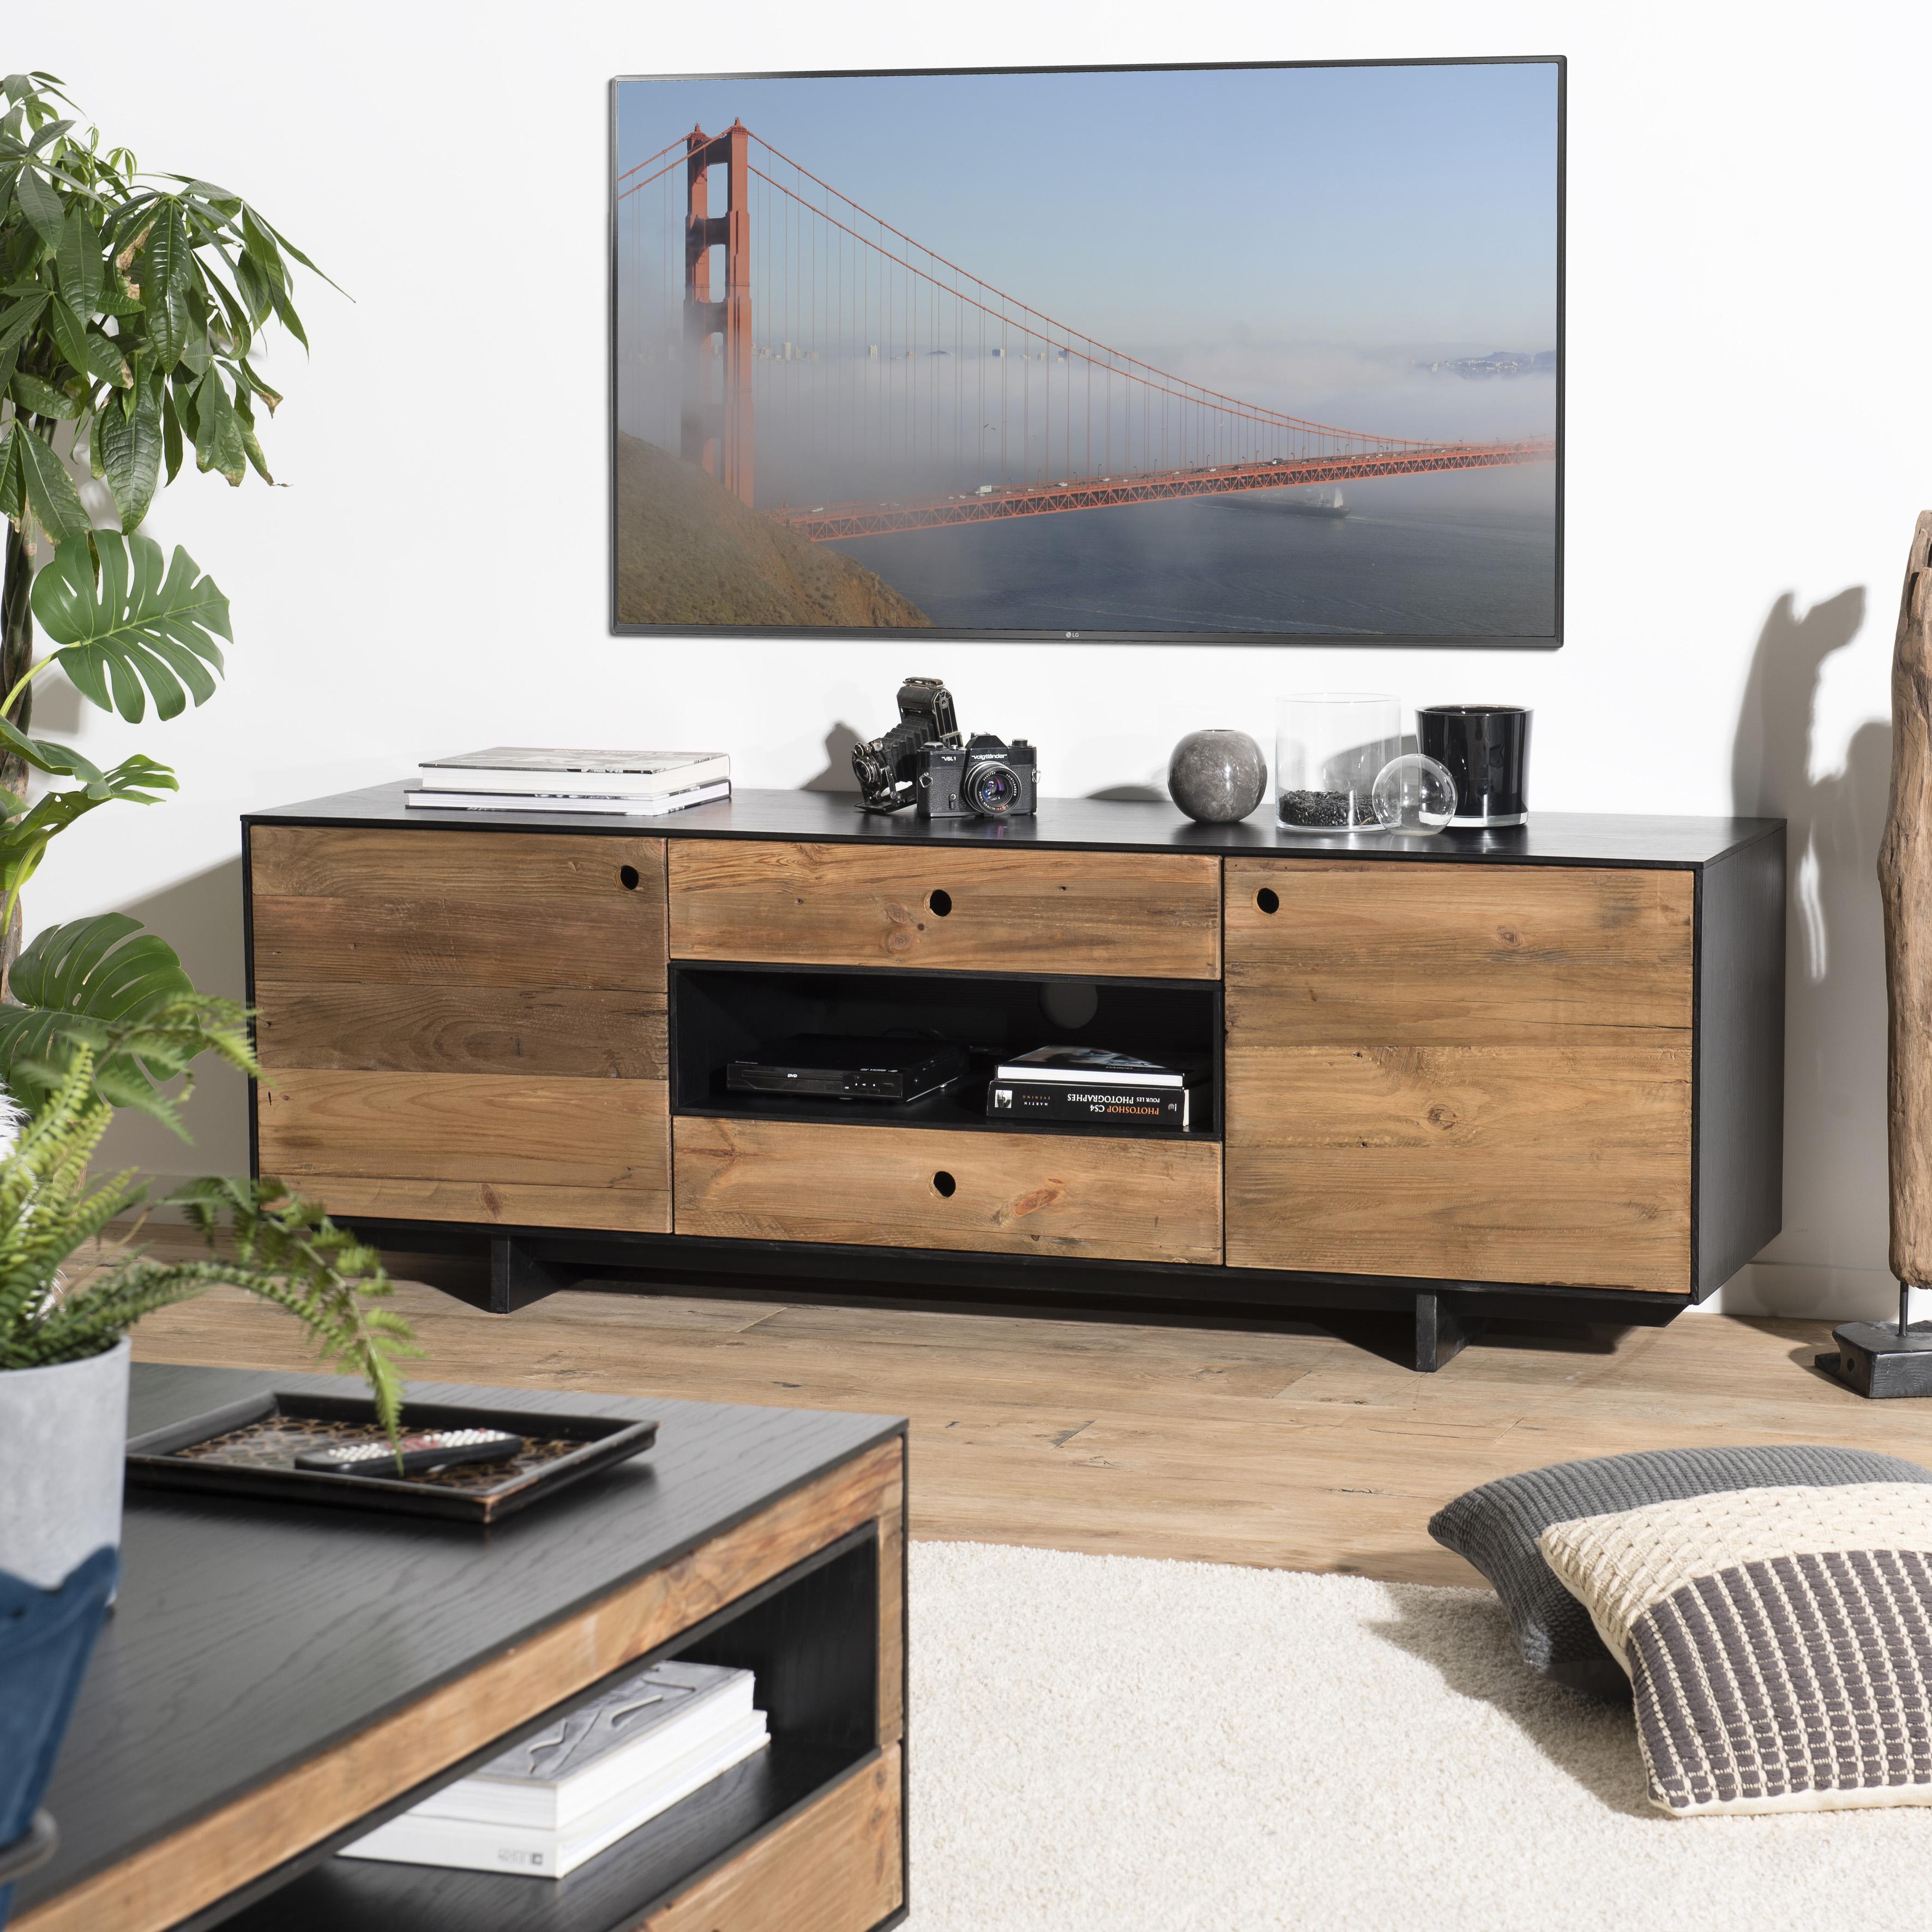 Meuble Tv Avec Rangement Bois Recycle Pin Cracovie Meubles Tv Pier Import